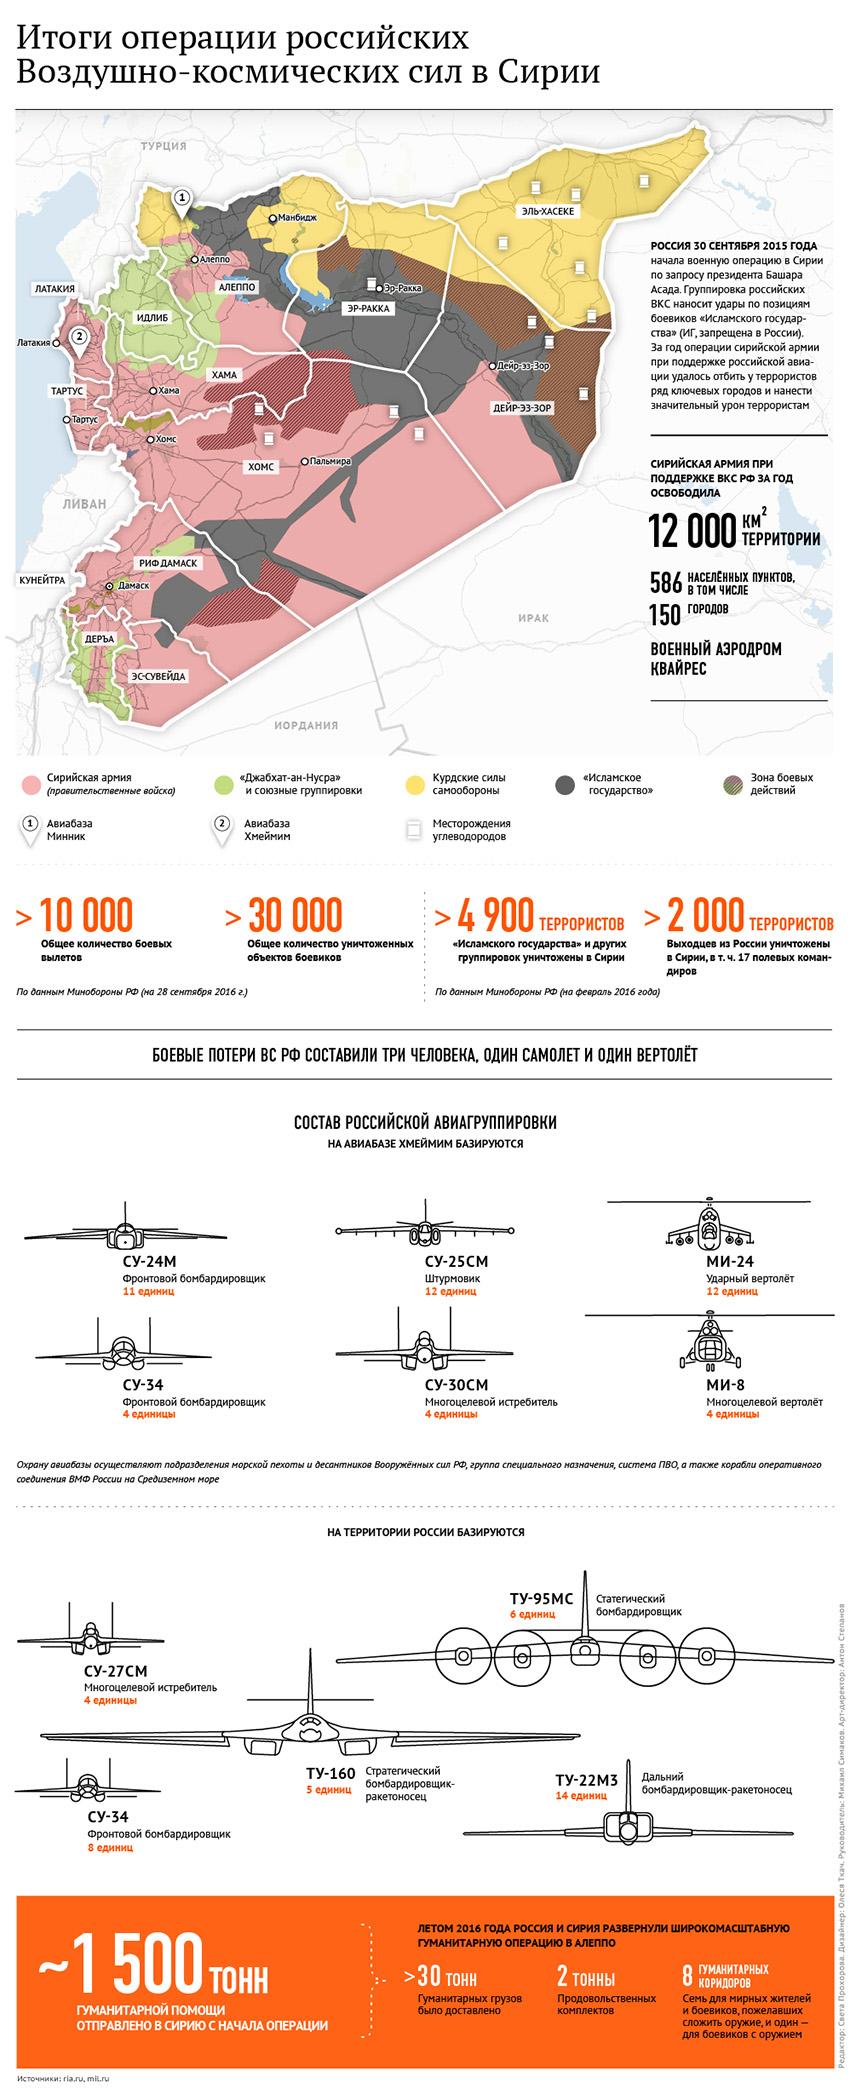 Инфографика с сайта ria.ru